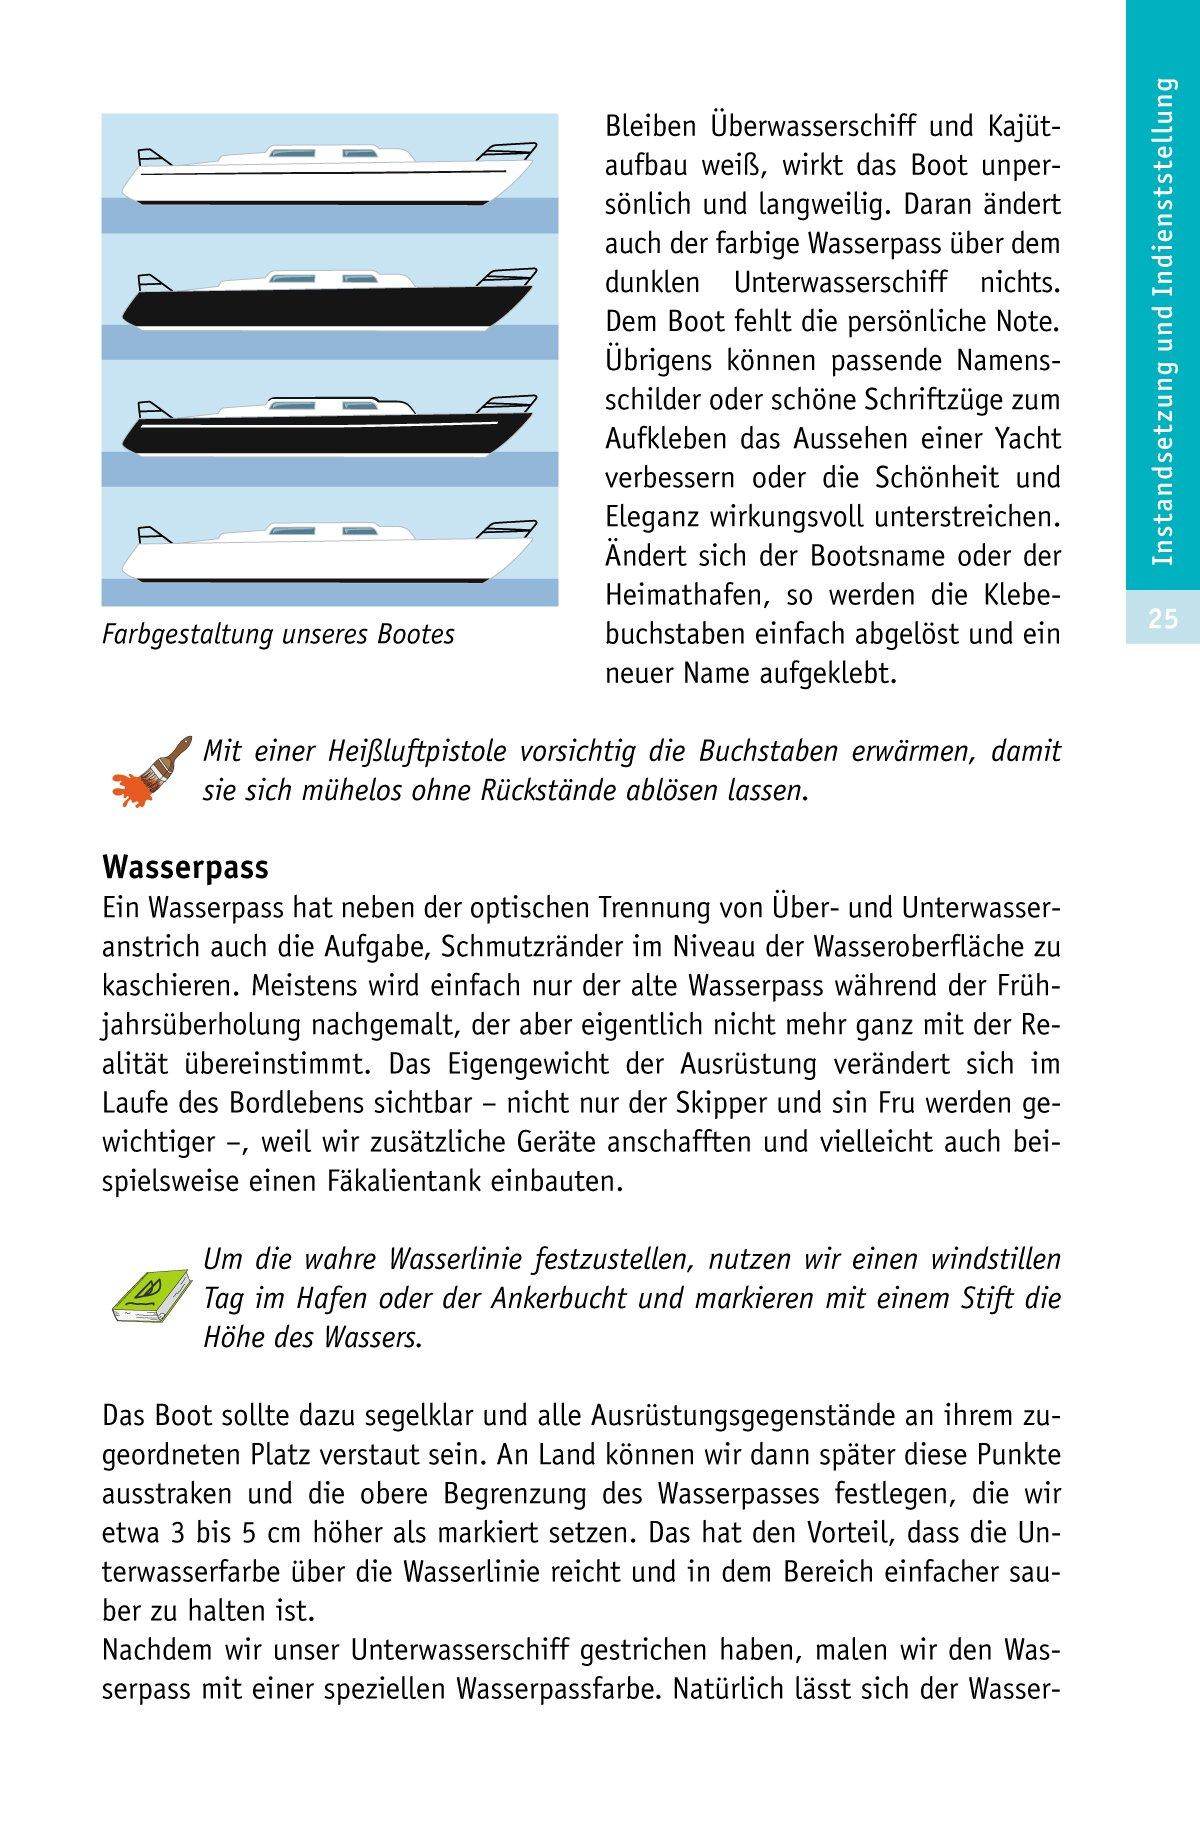 Sachbücher Bootspflege selbst gemacht Yacht-Bücherei Band 128 Segelpflege Boote Schiff Buch